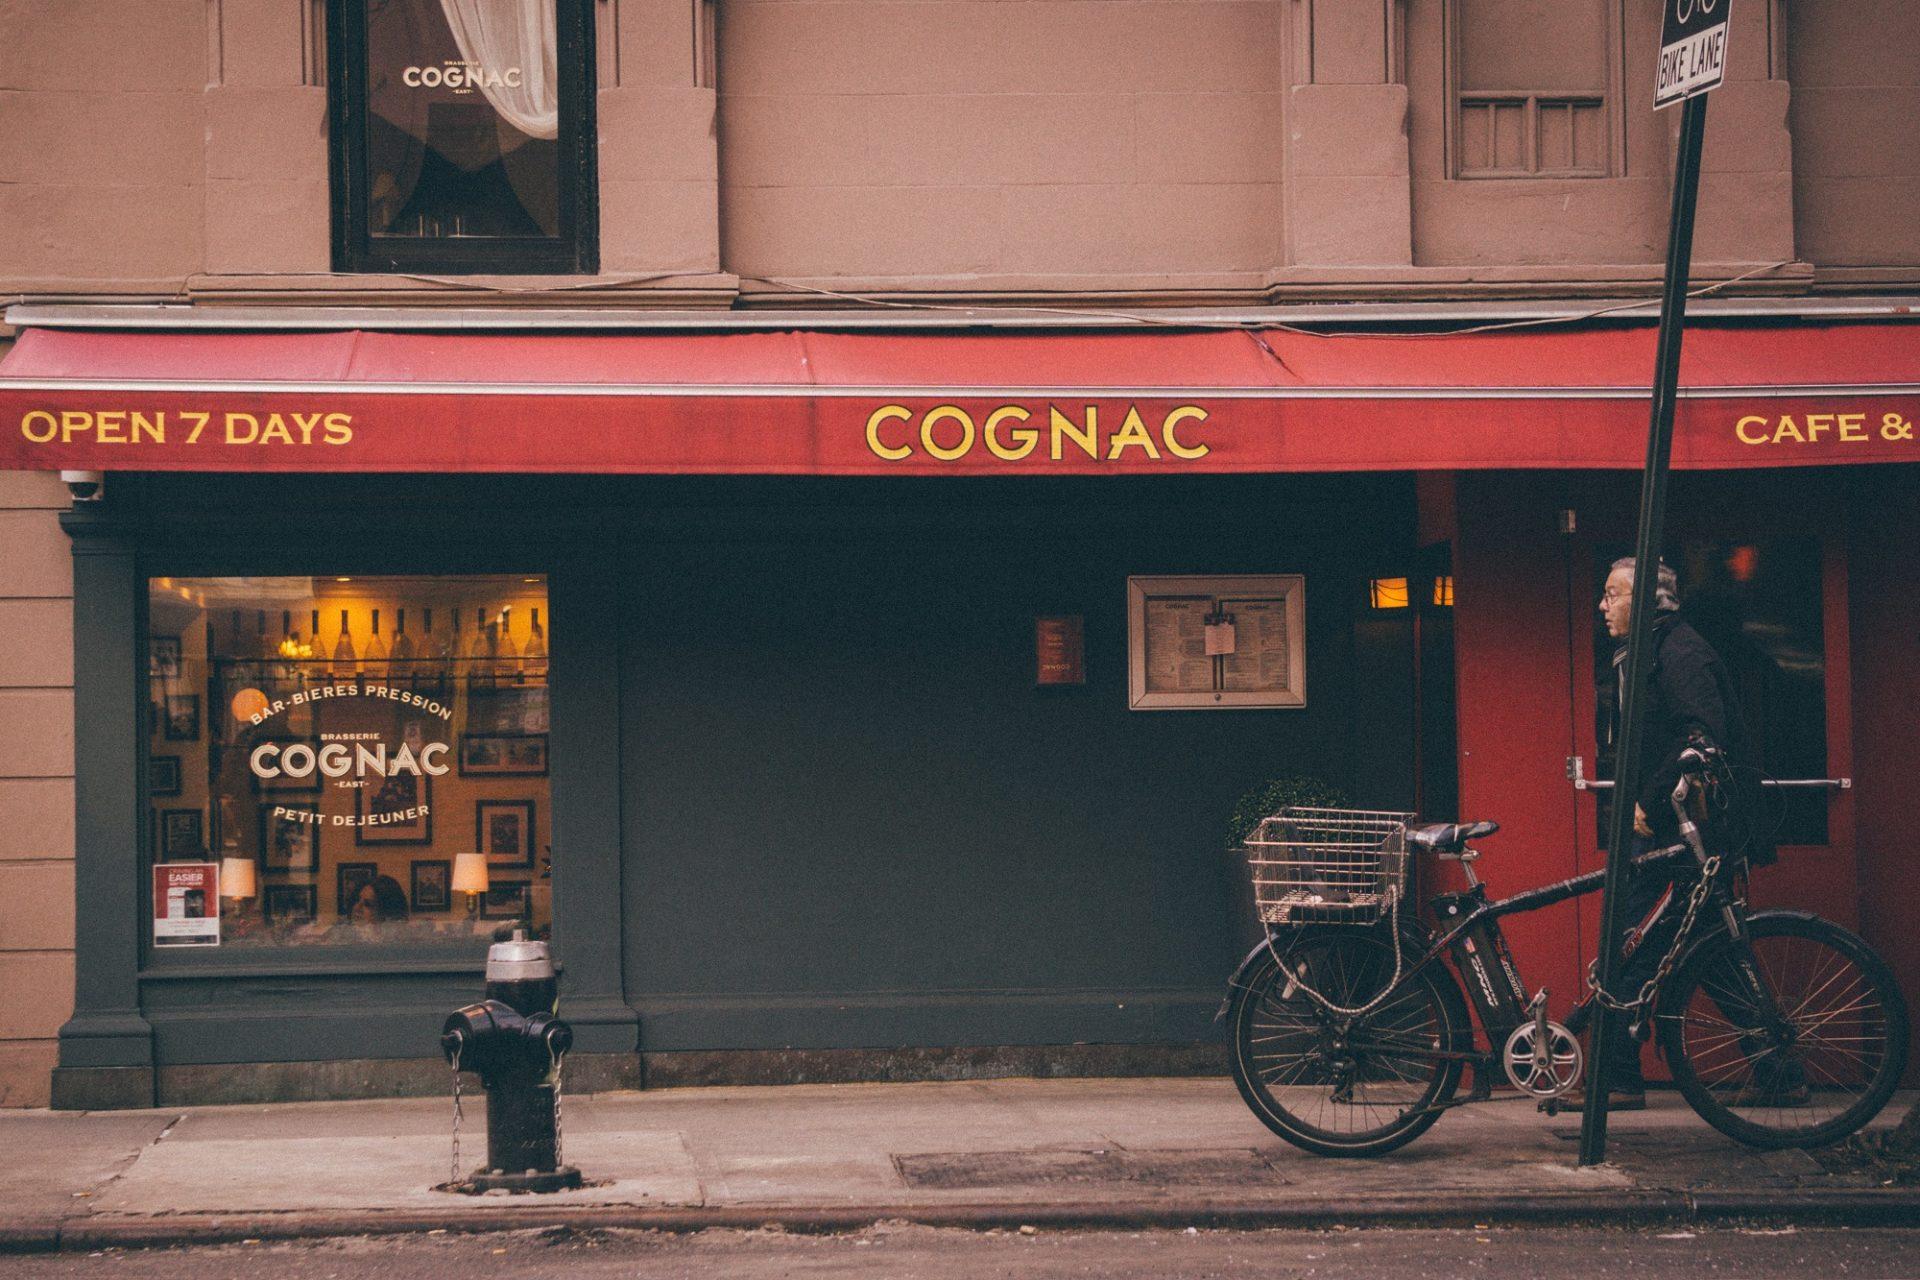 Ein angeschlossenes Fahrrad vor einer Gaststätte